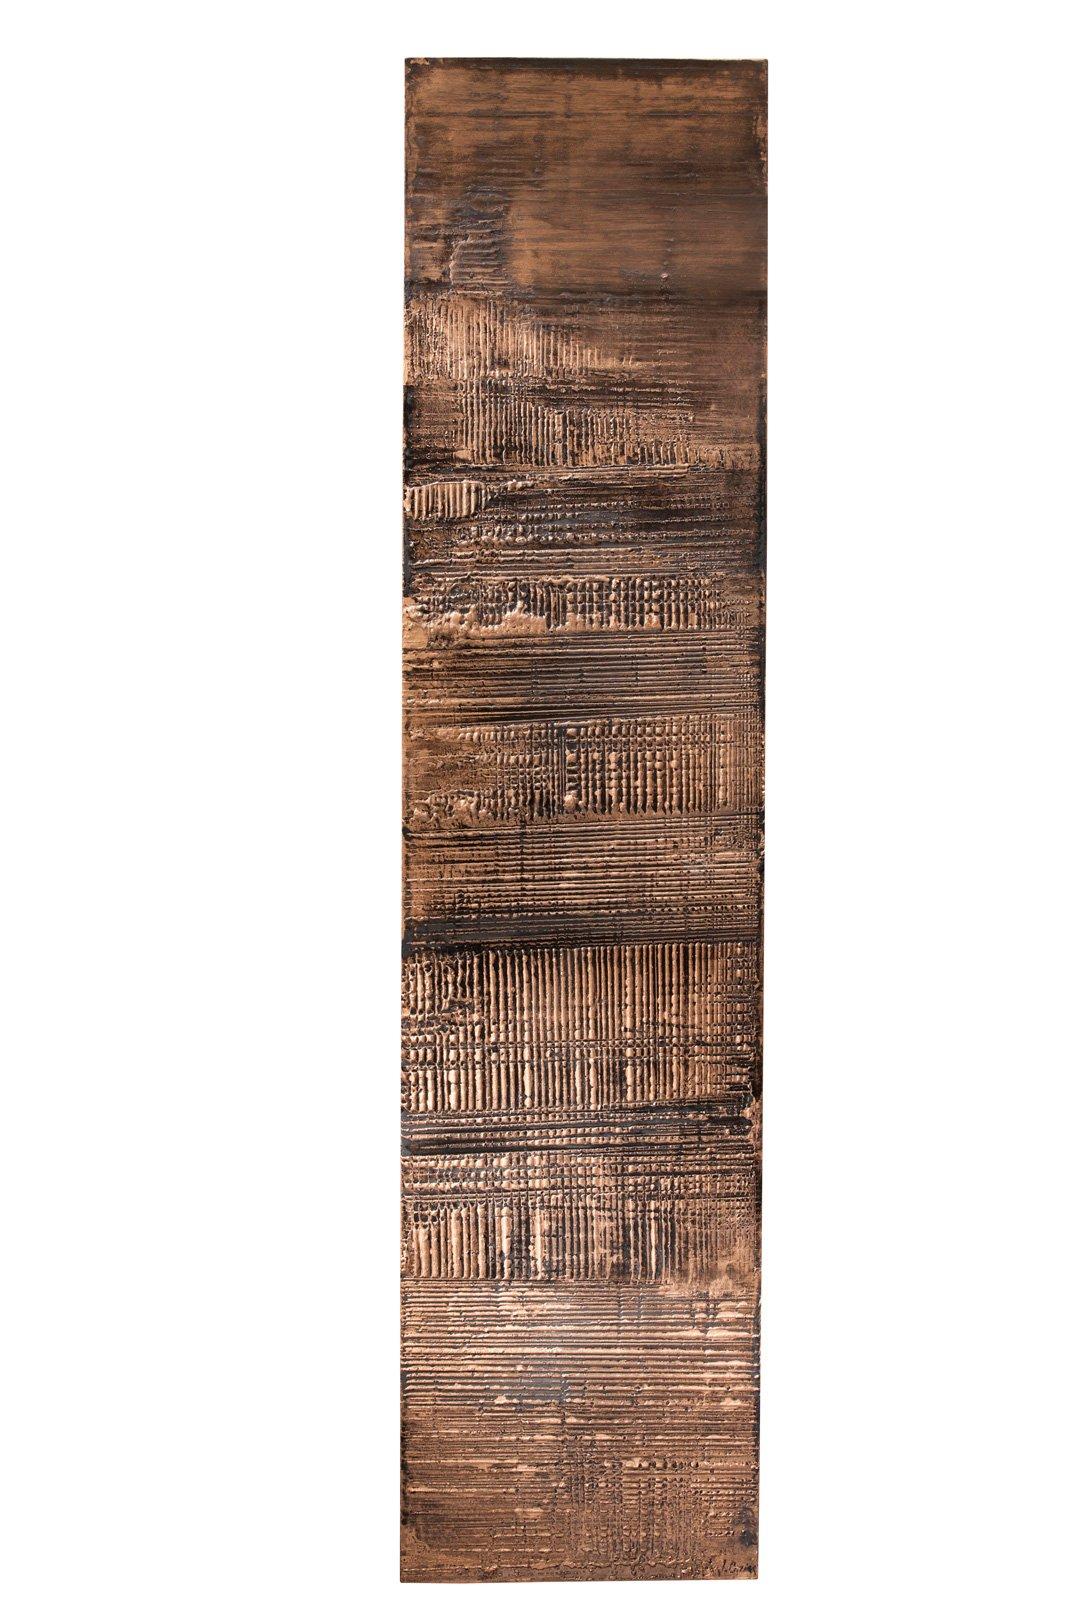 9. Granit Cuivre della collezione Cinier di Brem è un calorifero che ha la superficie decorata da rame annerito che crea un effetto scultoreo impreziosito dalla vernice metallica: sembra un' opera d'arte contemporanea. Misura L 50 x H 220 cm. Prezzo 5.650 euro. www.brem.it